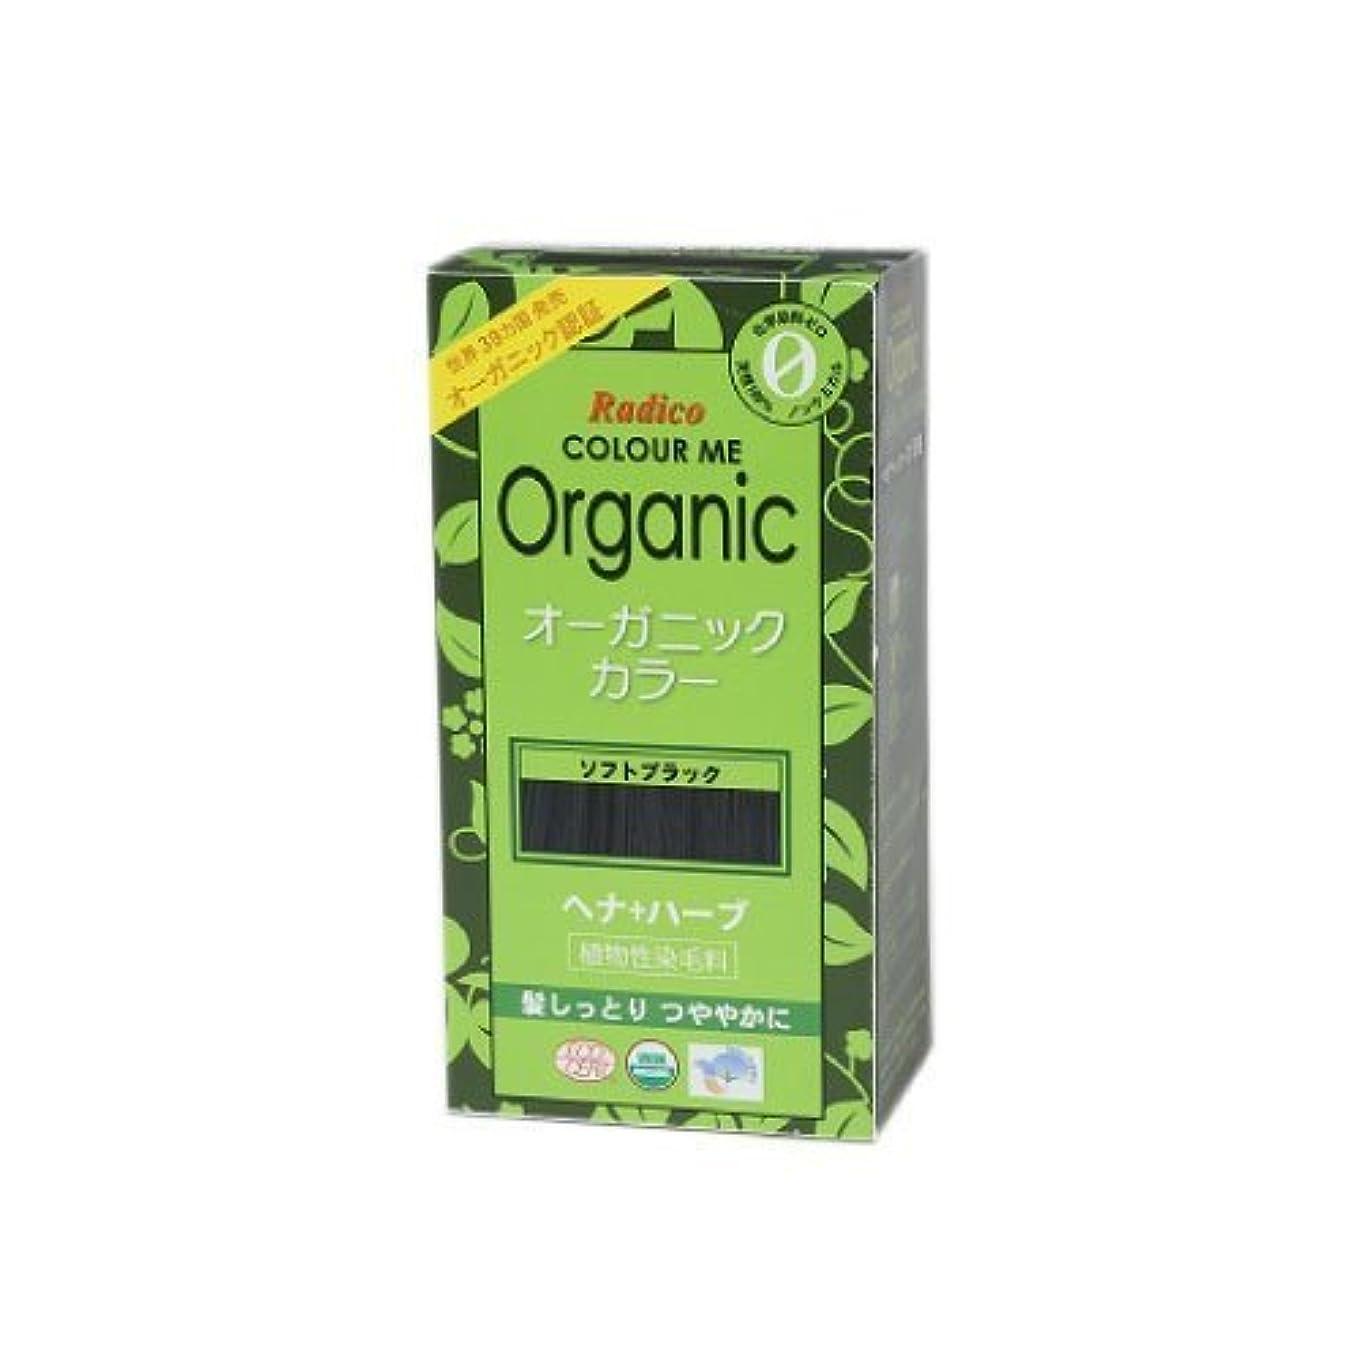 ブラザー幽霊復活COLOURME Organic (カラーミーオーガニック ヘナ 白髪用 髪色戻し) ソフトブラック 100g